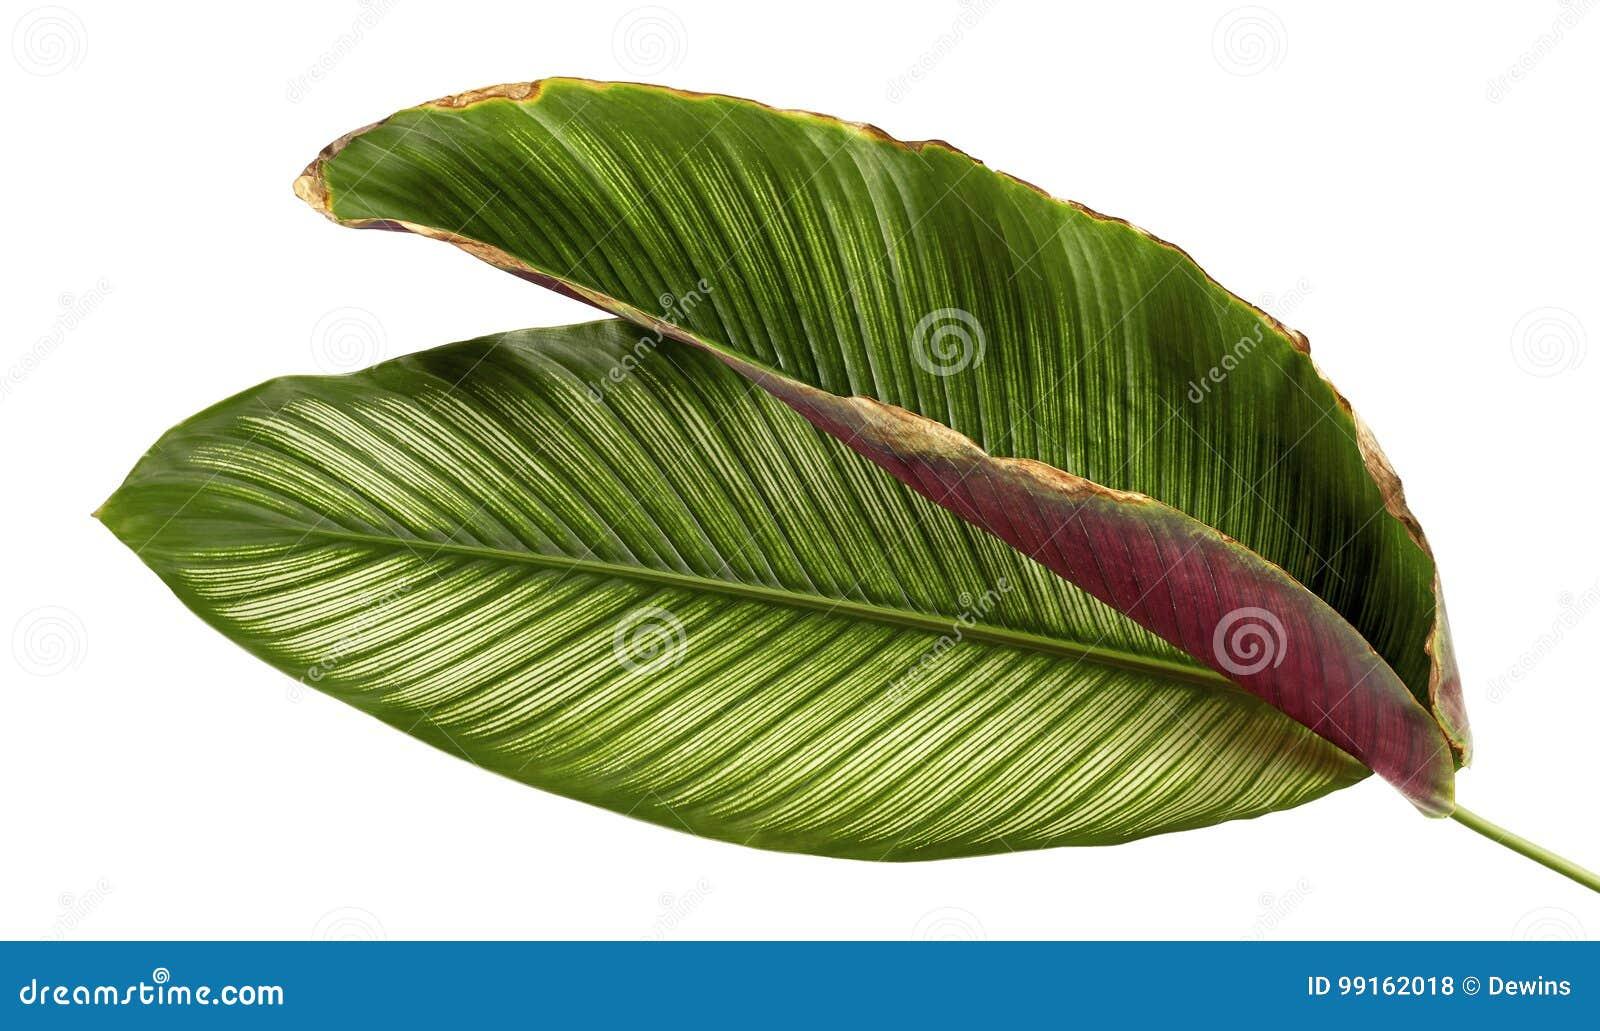 Calathea-ornata Pin-Streifen Calathea verlässt, das tropische Laub, das auf weißem Hintergrund lokalisiert wird